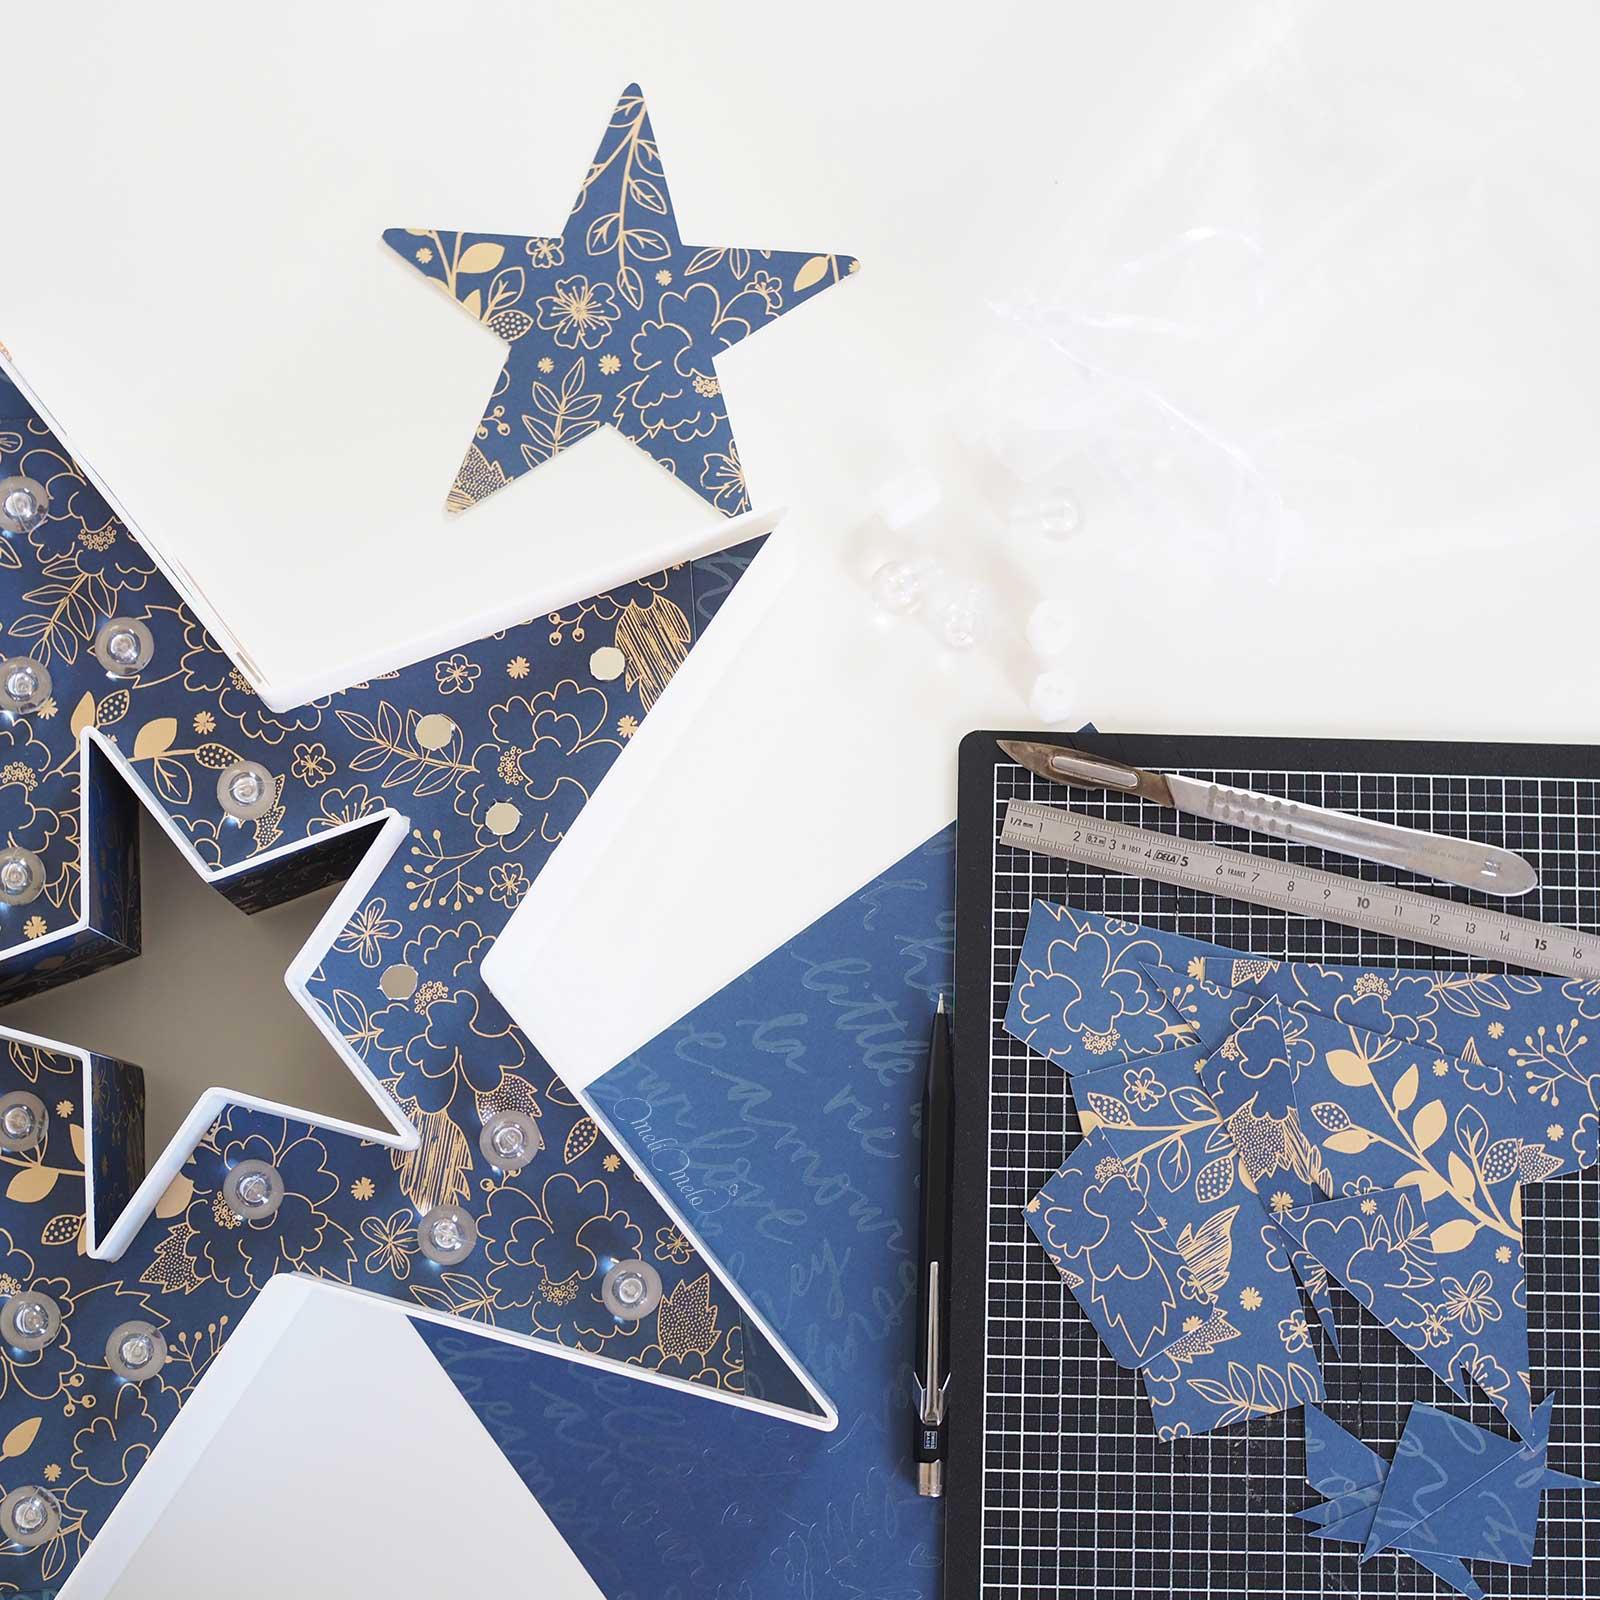 papier-scrapbooking-bleu-nuit-or-dear-lizzy-foil-laboutiquedemelimelo